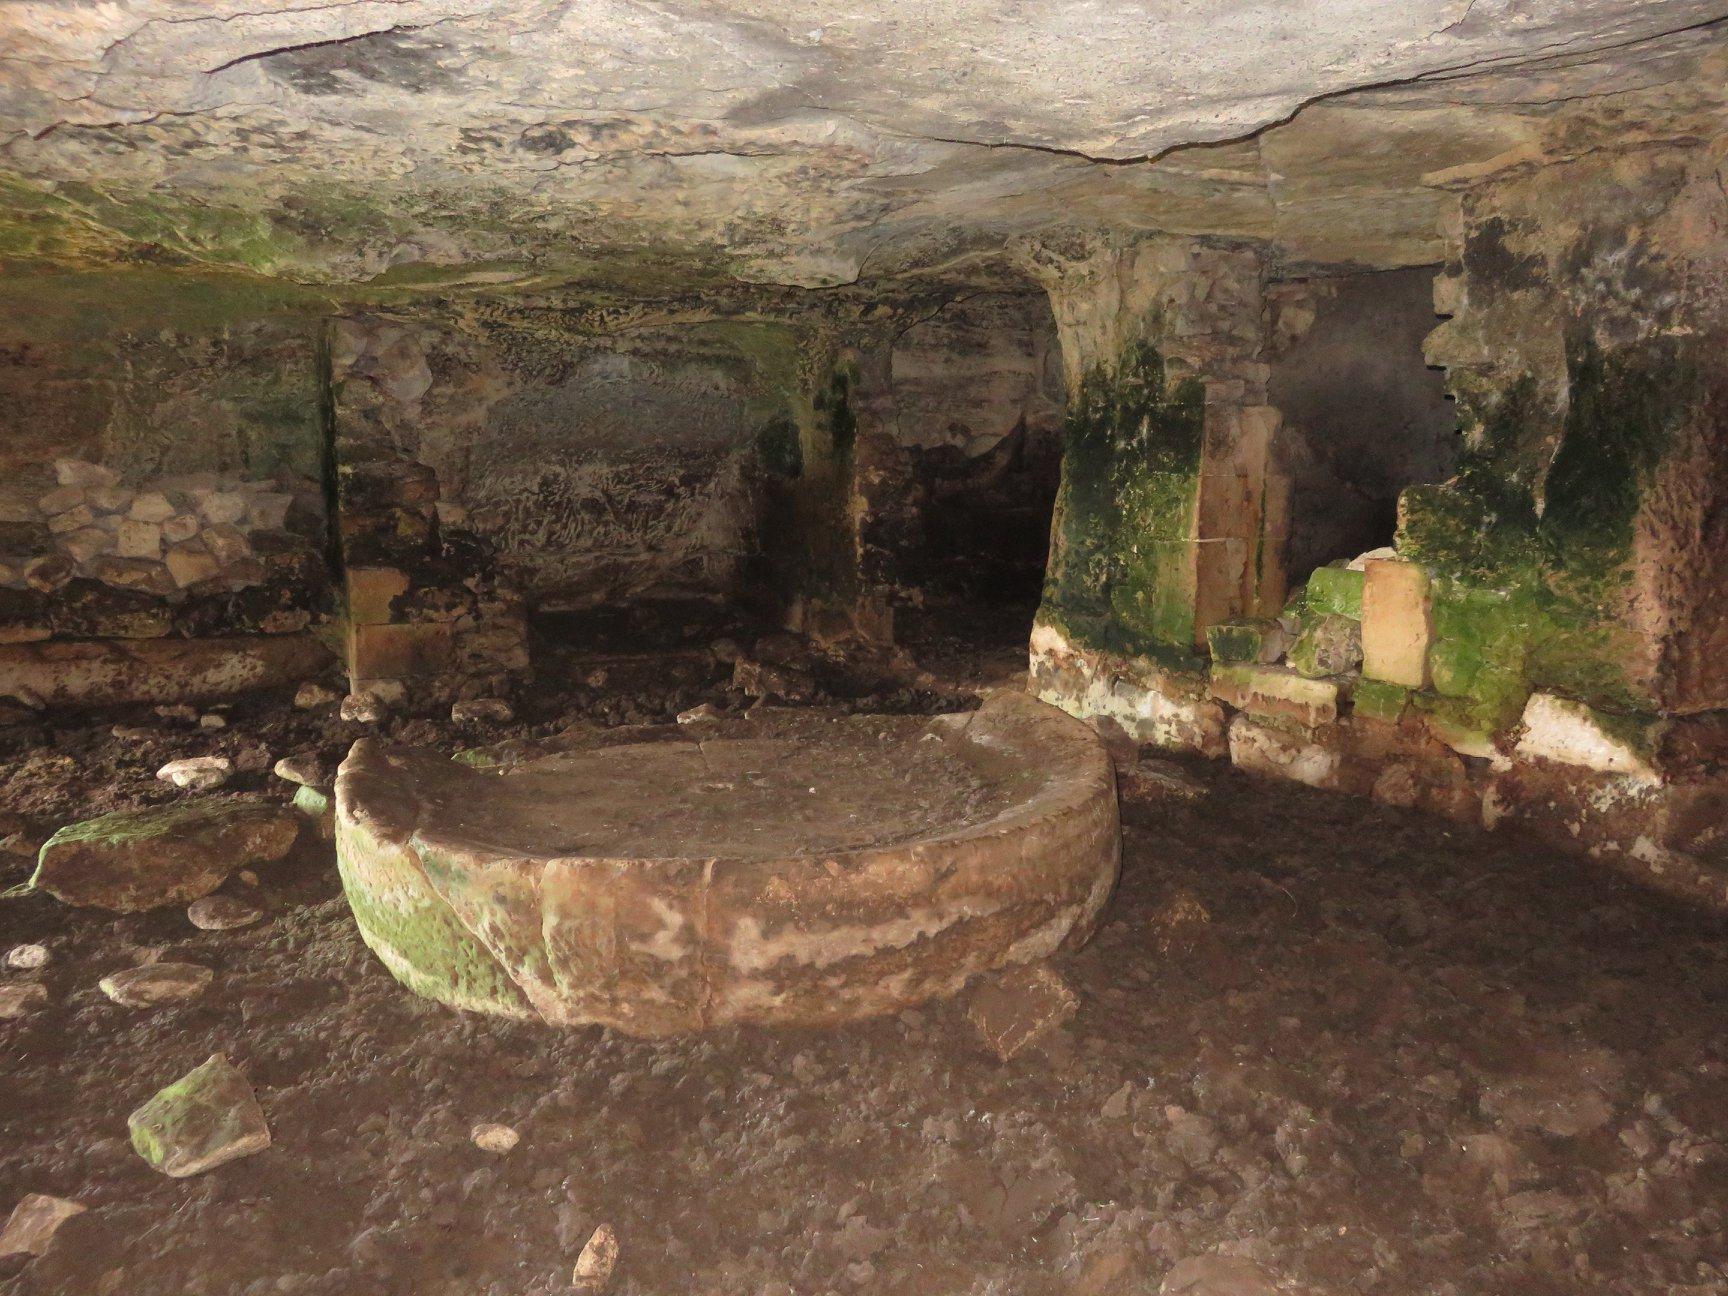 Catacombe cava Palombieri